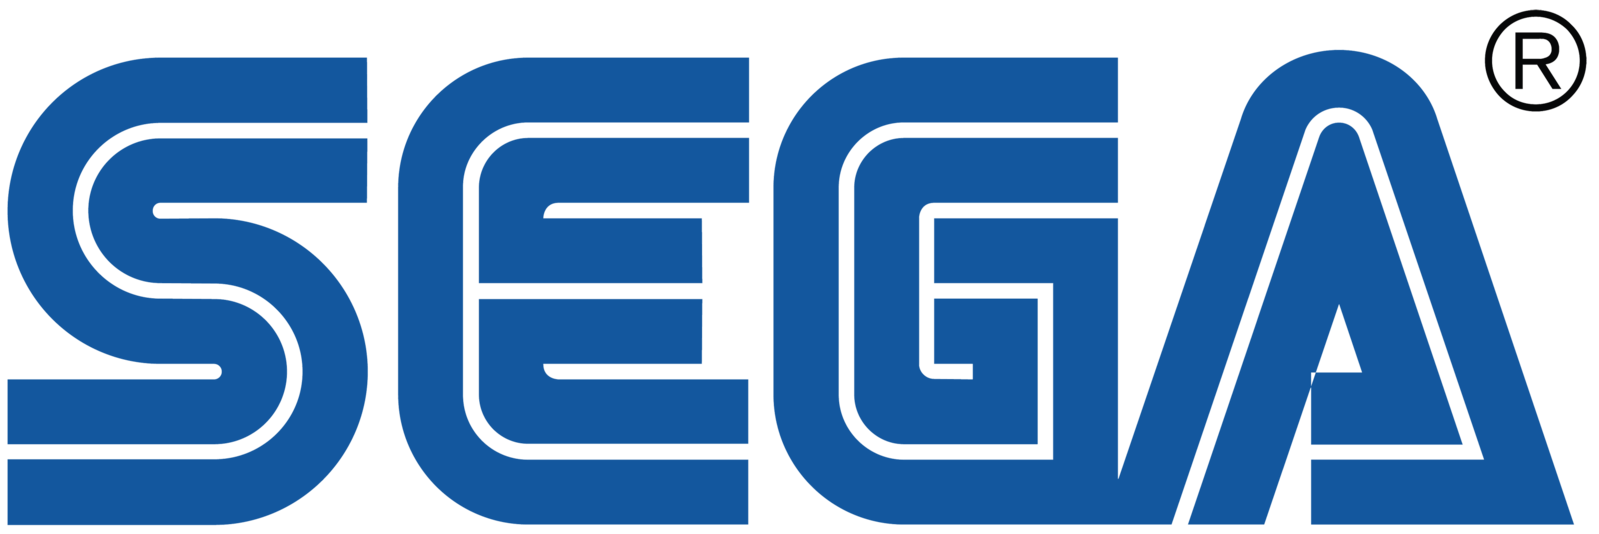 1599px-SEGA_logo.png